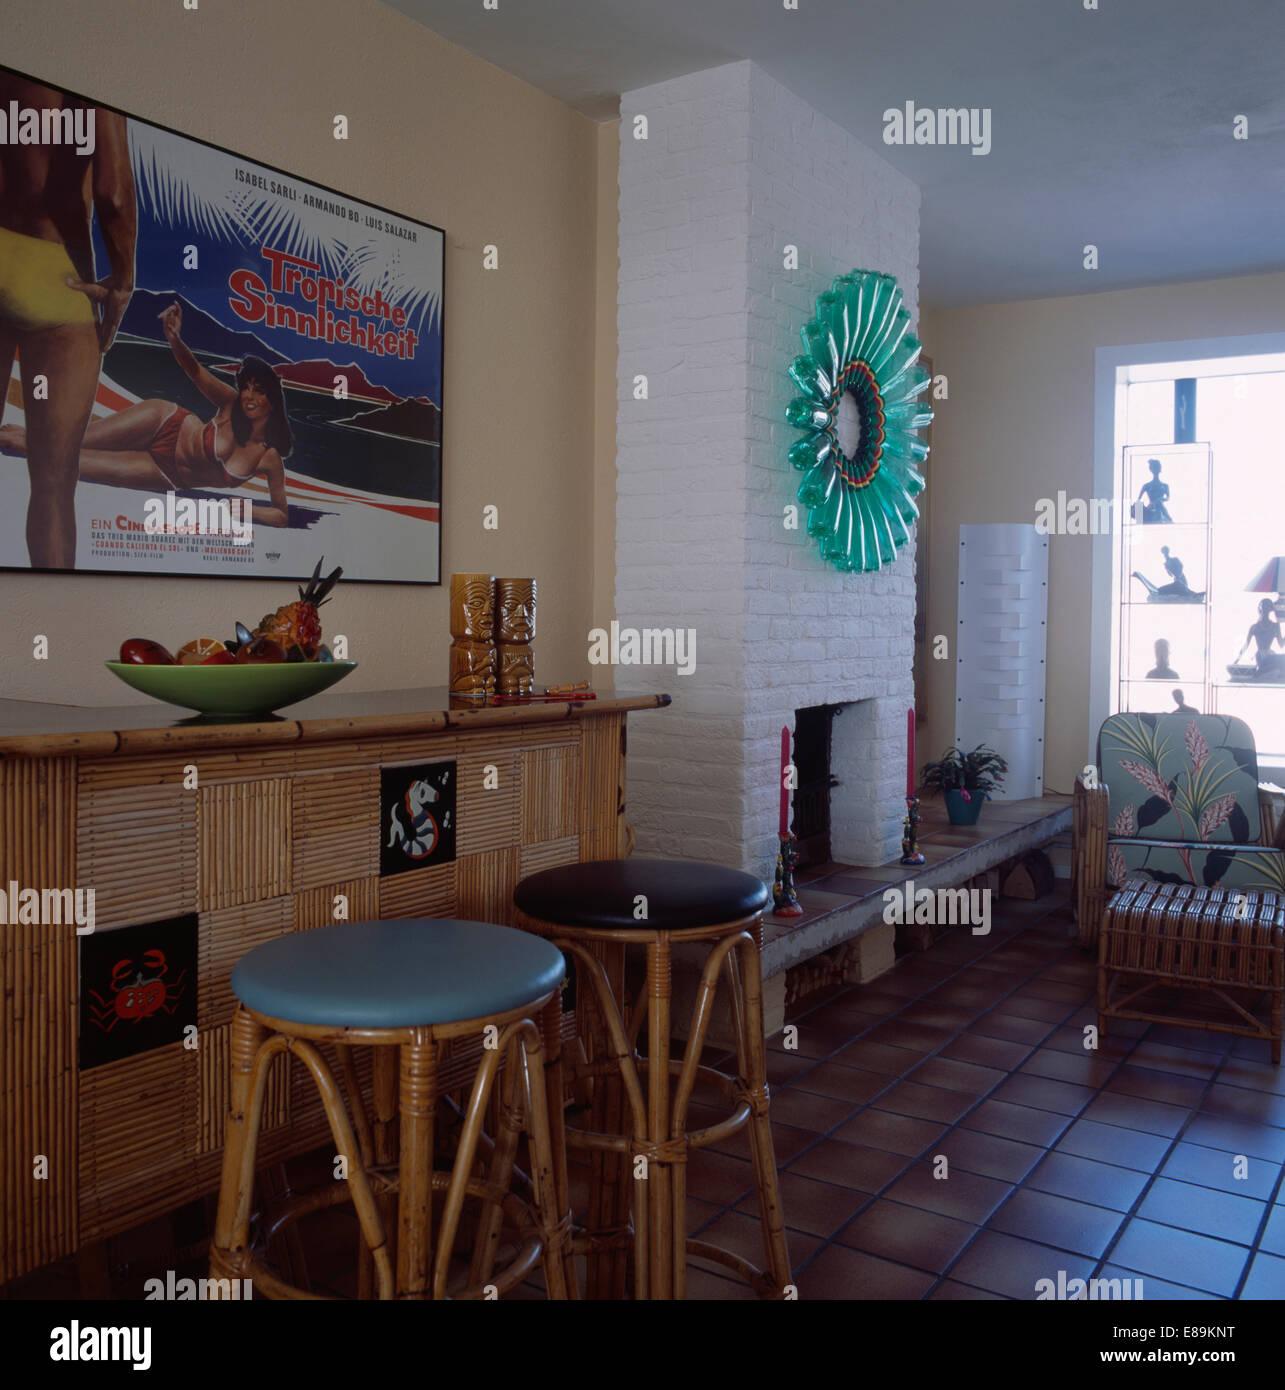 Bambus-Hocker Bambus Bar im 50er Jahre-Stil-Wohnzimmer mit ...